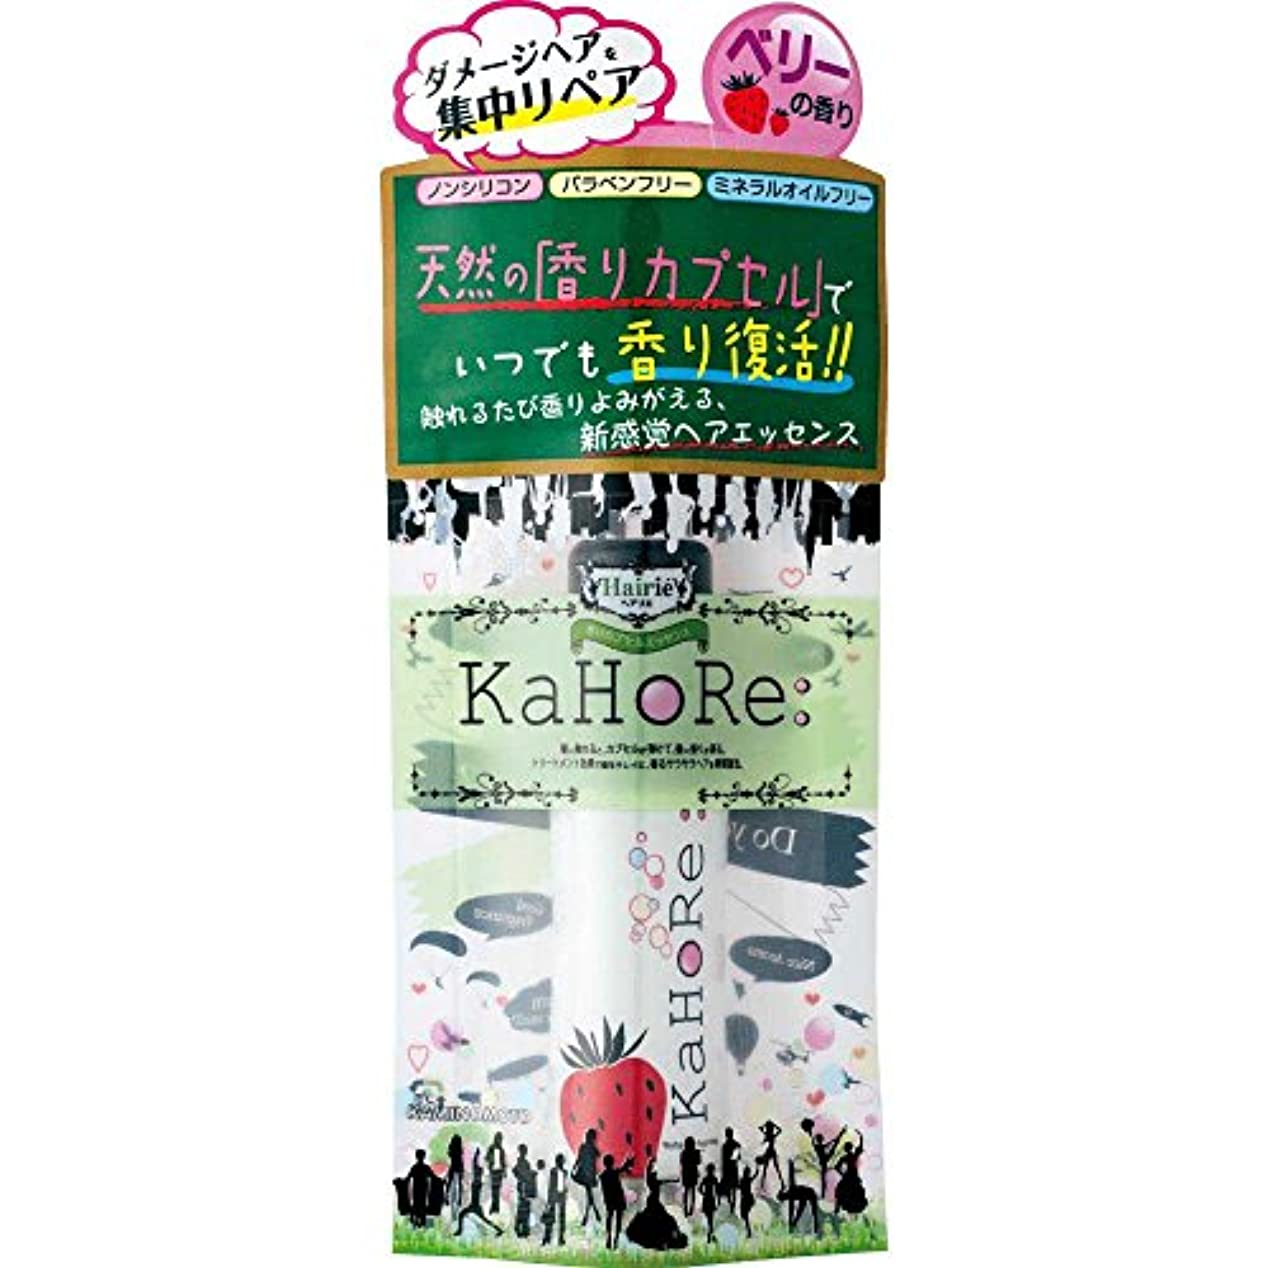 マガジンしなやかな異邦人ヘアリエ KaHoRe ヘアエッセンス ミックスベリーの香り 30g